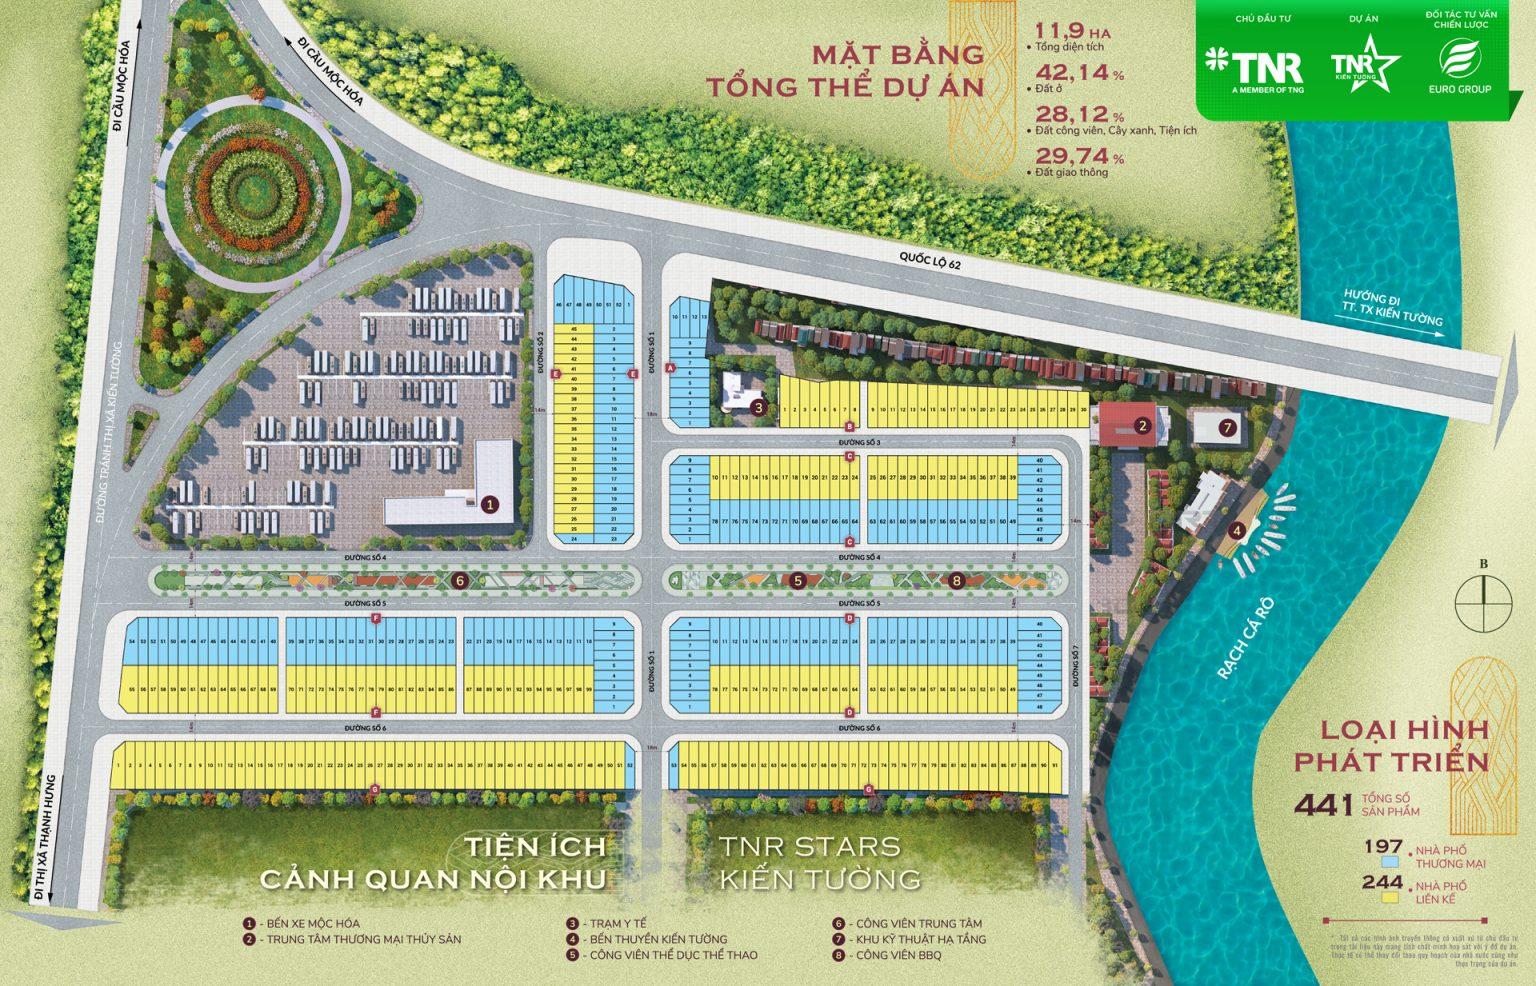 Mặt bằng TNR Grand Long Khánh